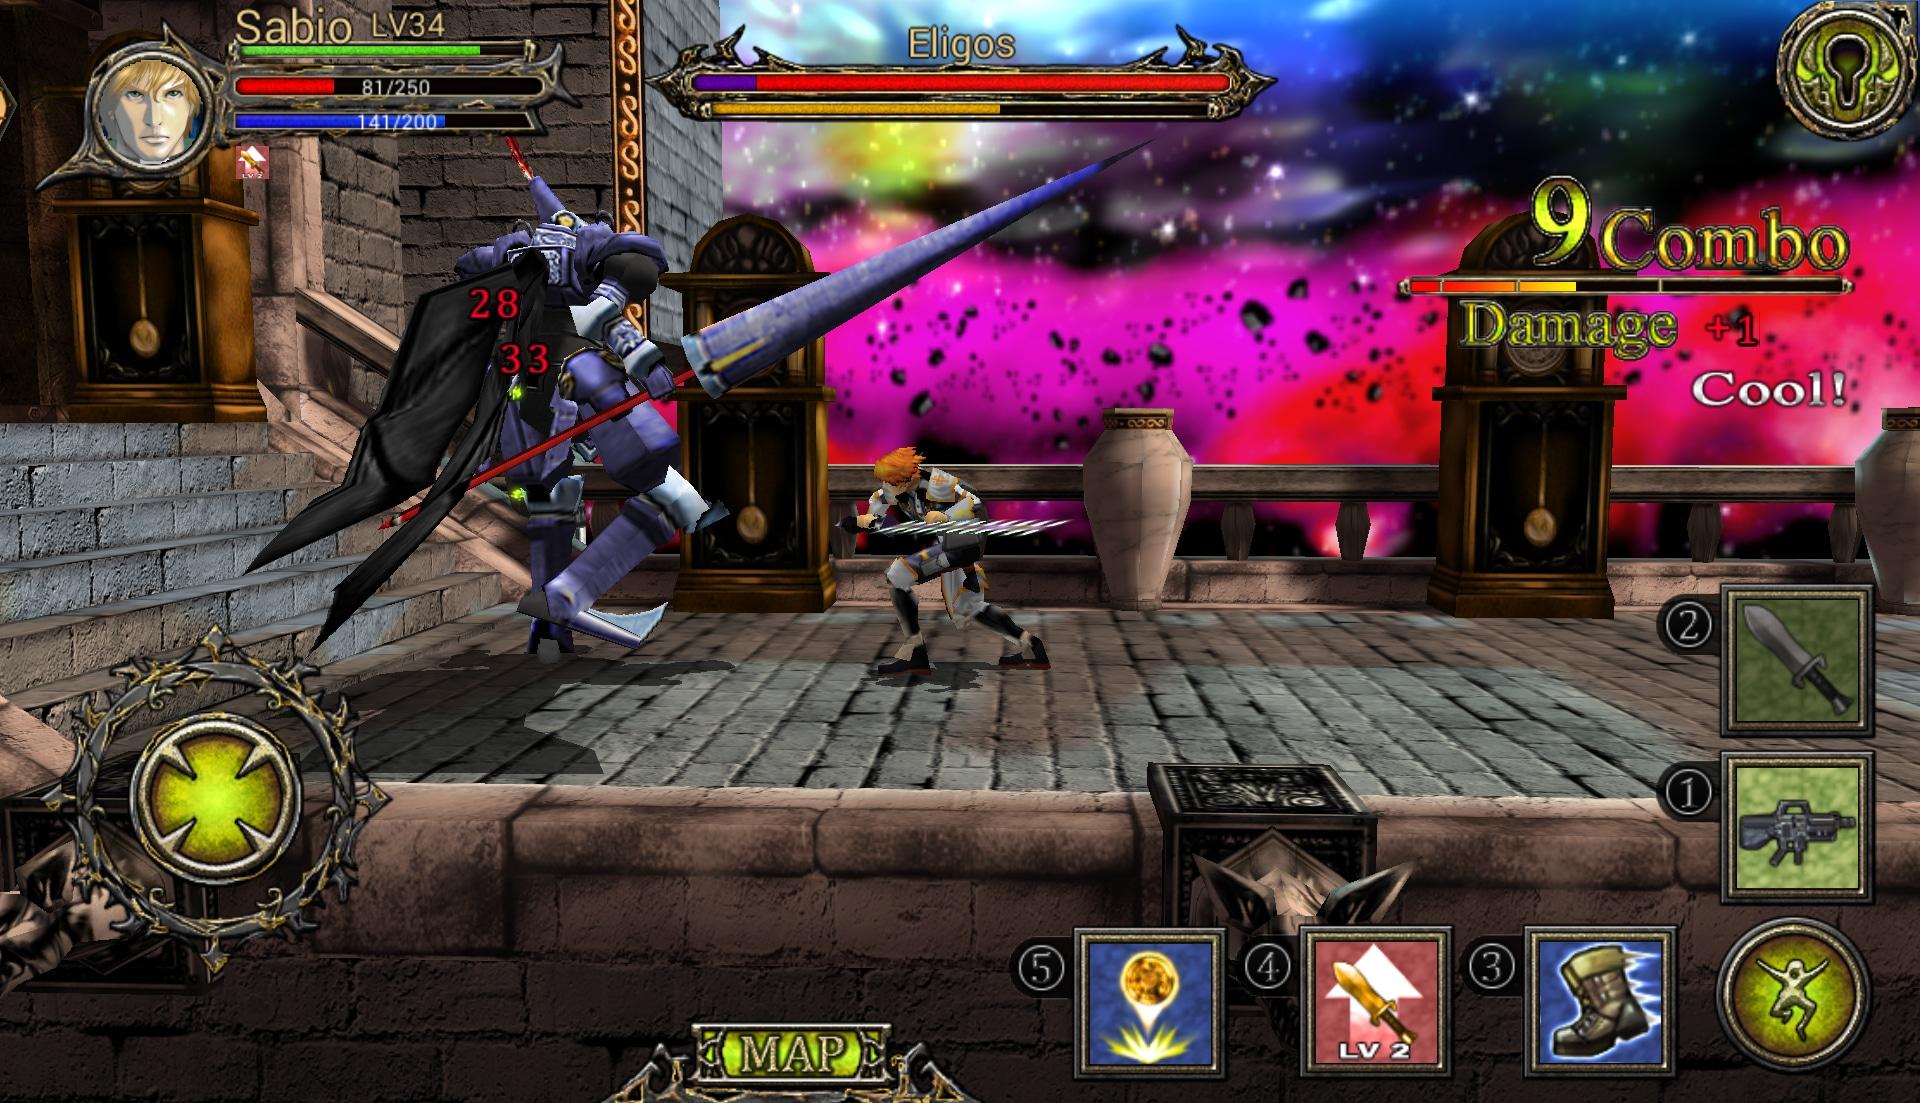 Il gioco predilige le armi a distanza piuttosto che quelle ravvicinate.